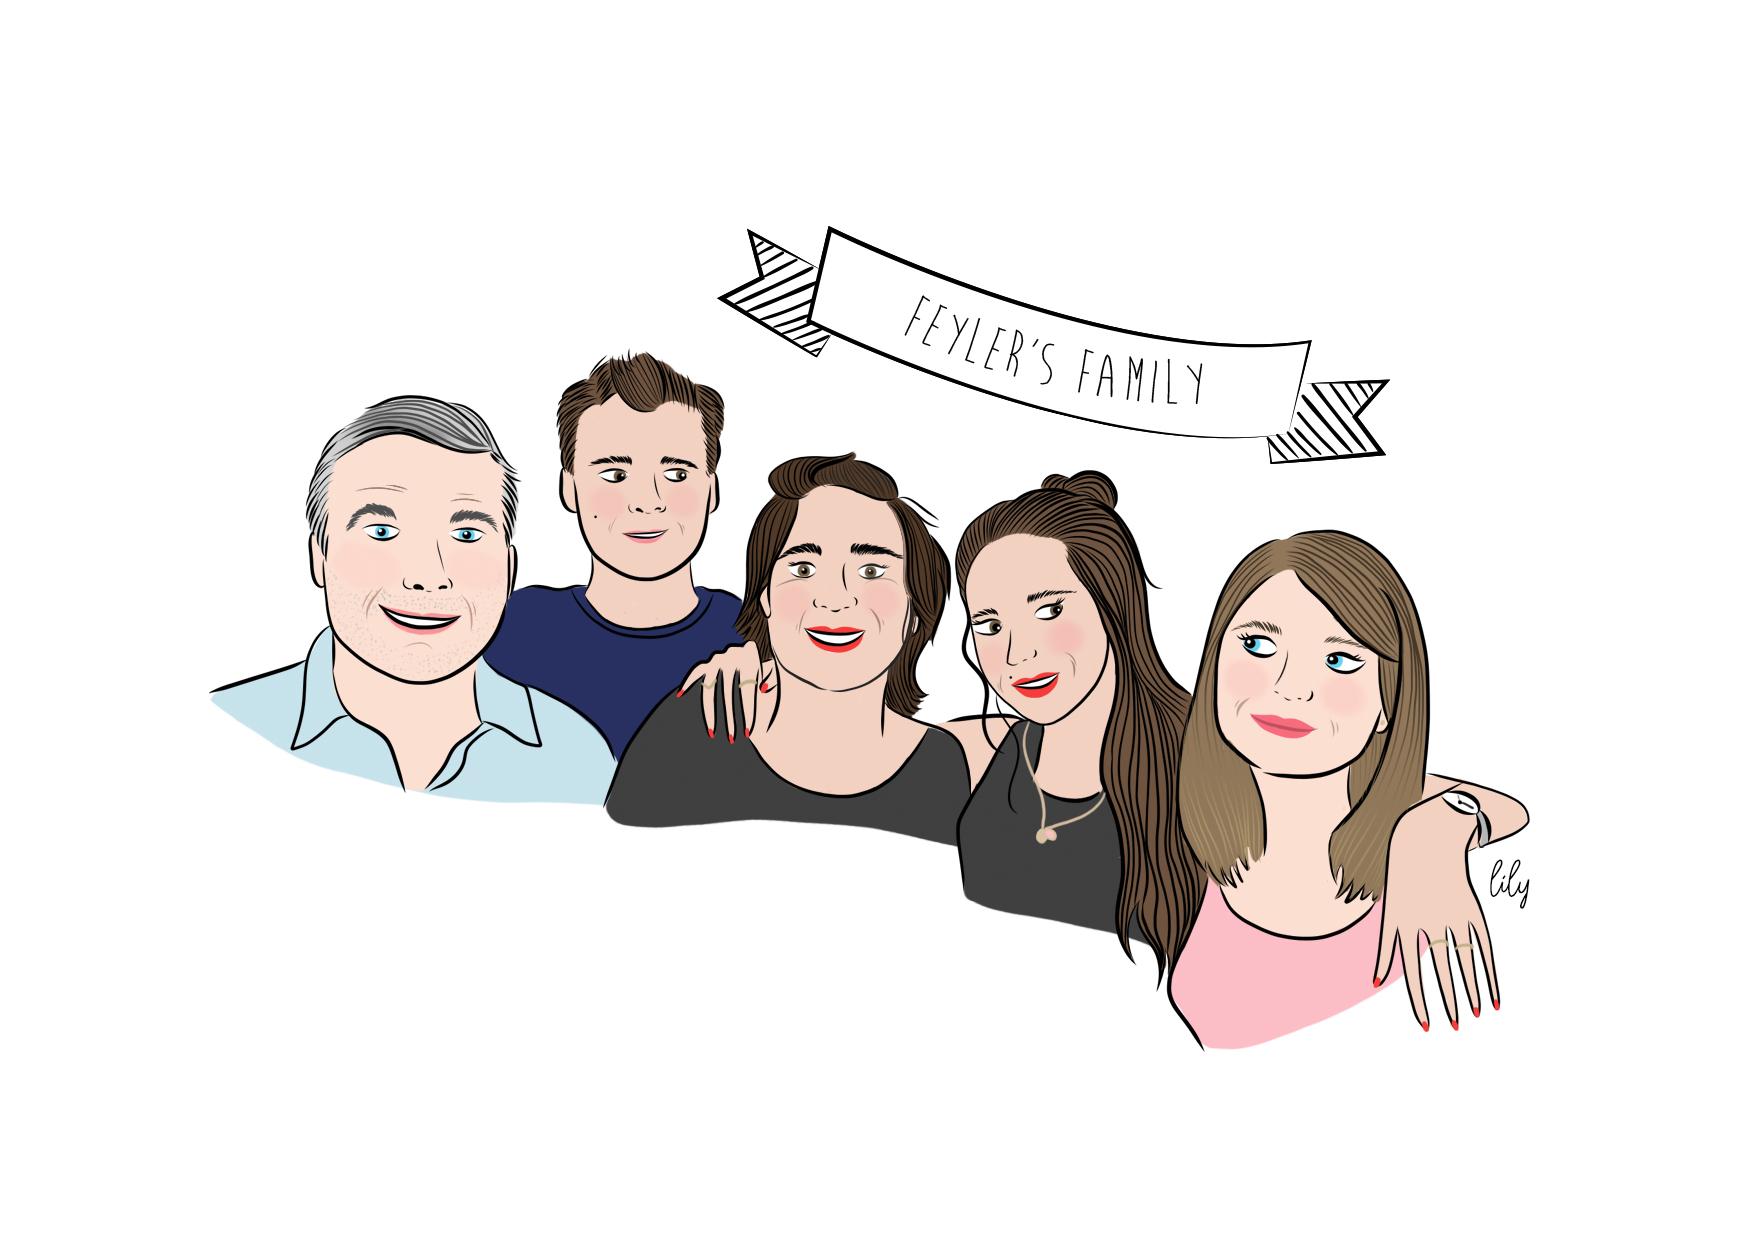 Feyler's family